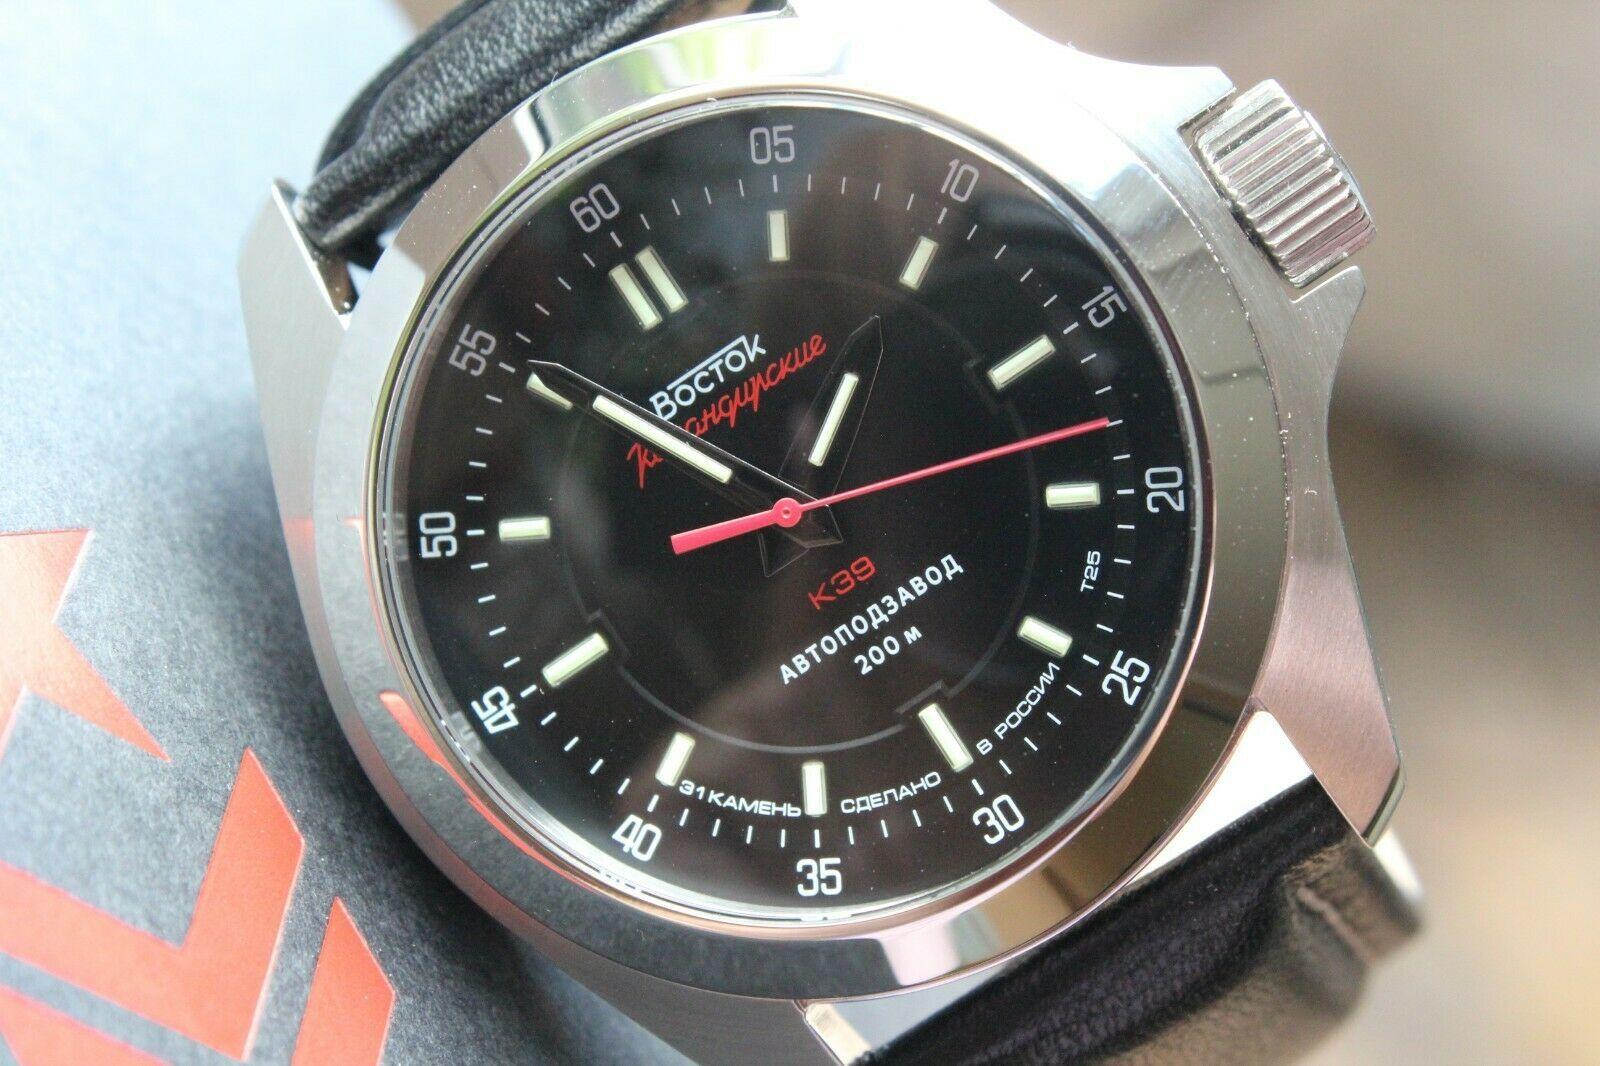 Vostok Komandirsky Russian Mechanical Automatic K-39 Military wristwatch 390775 image 3